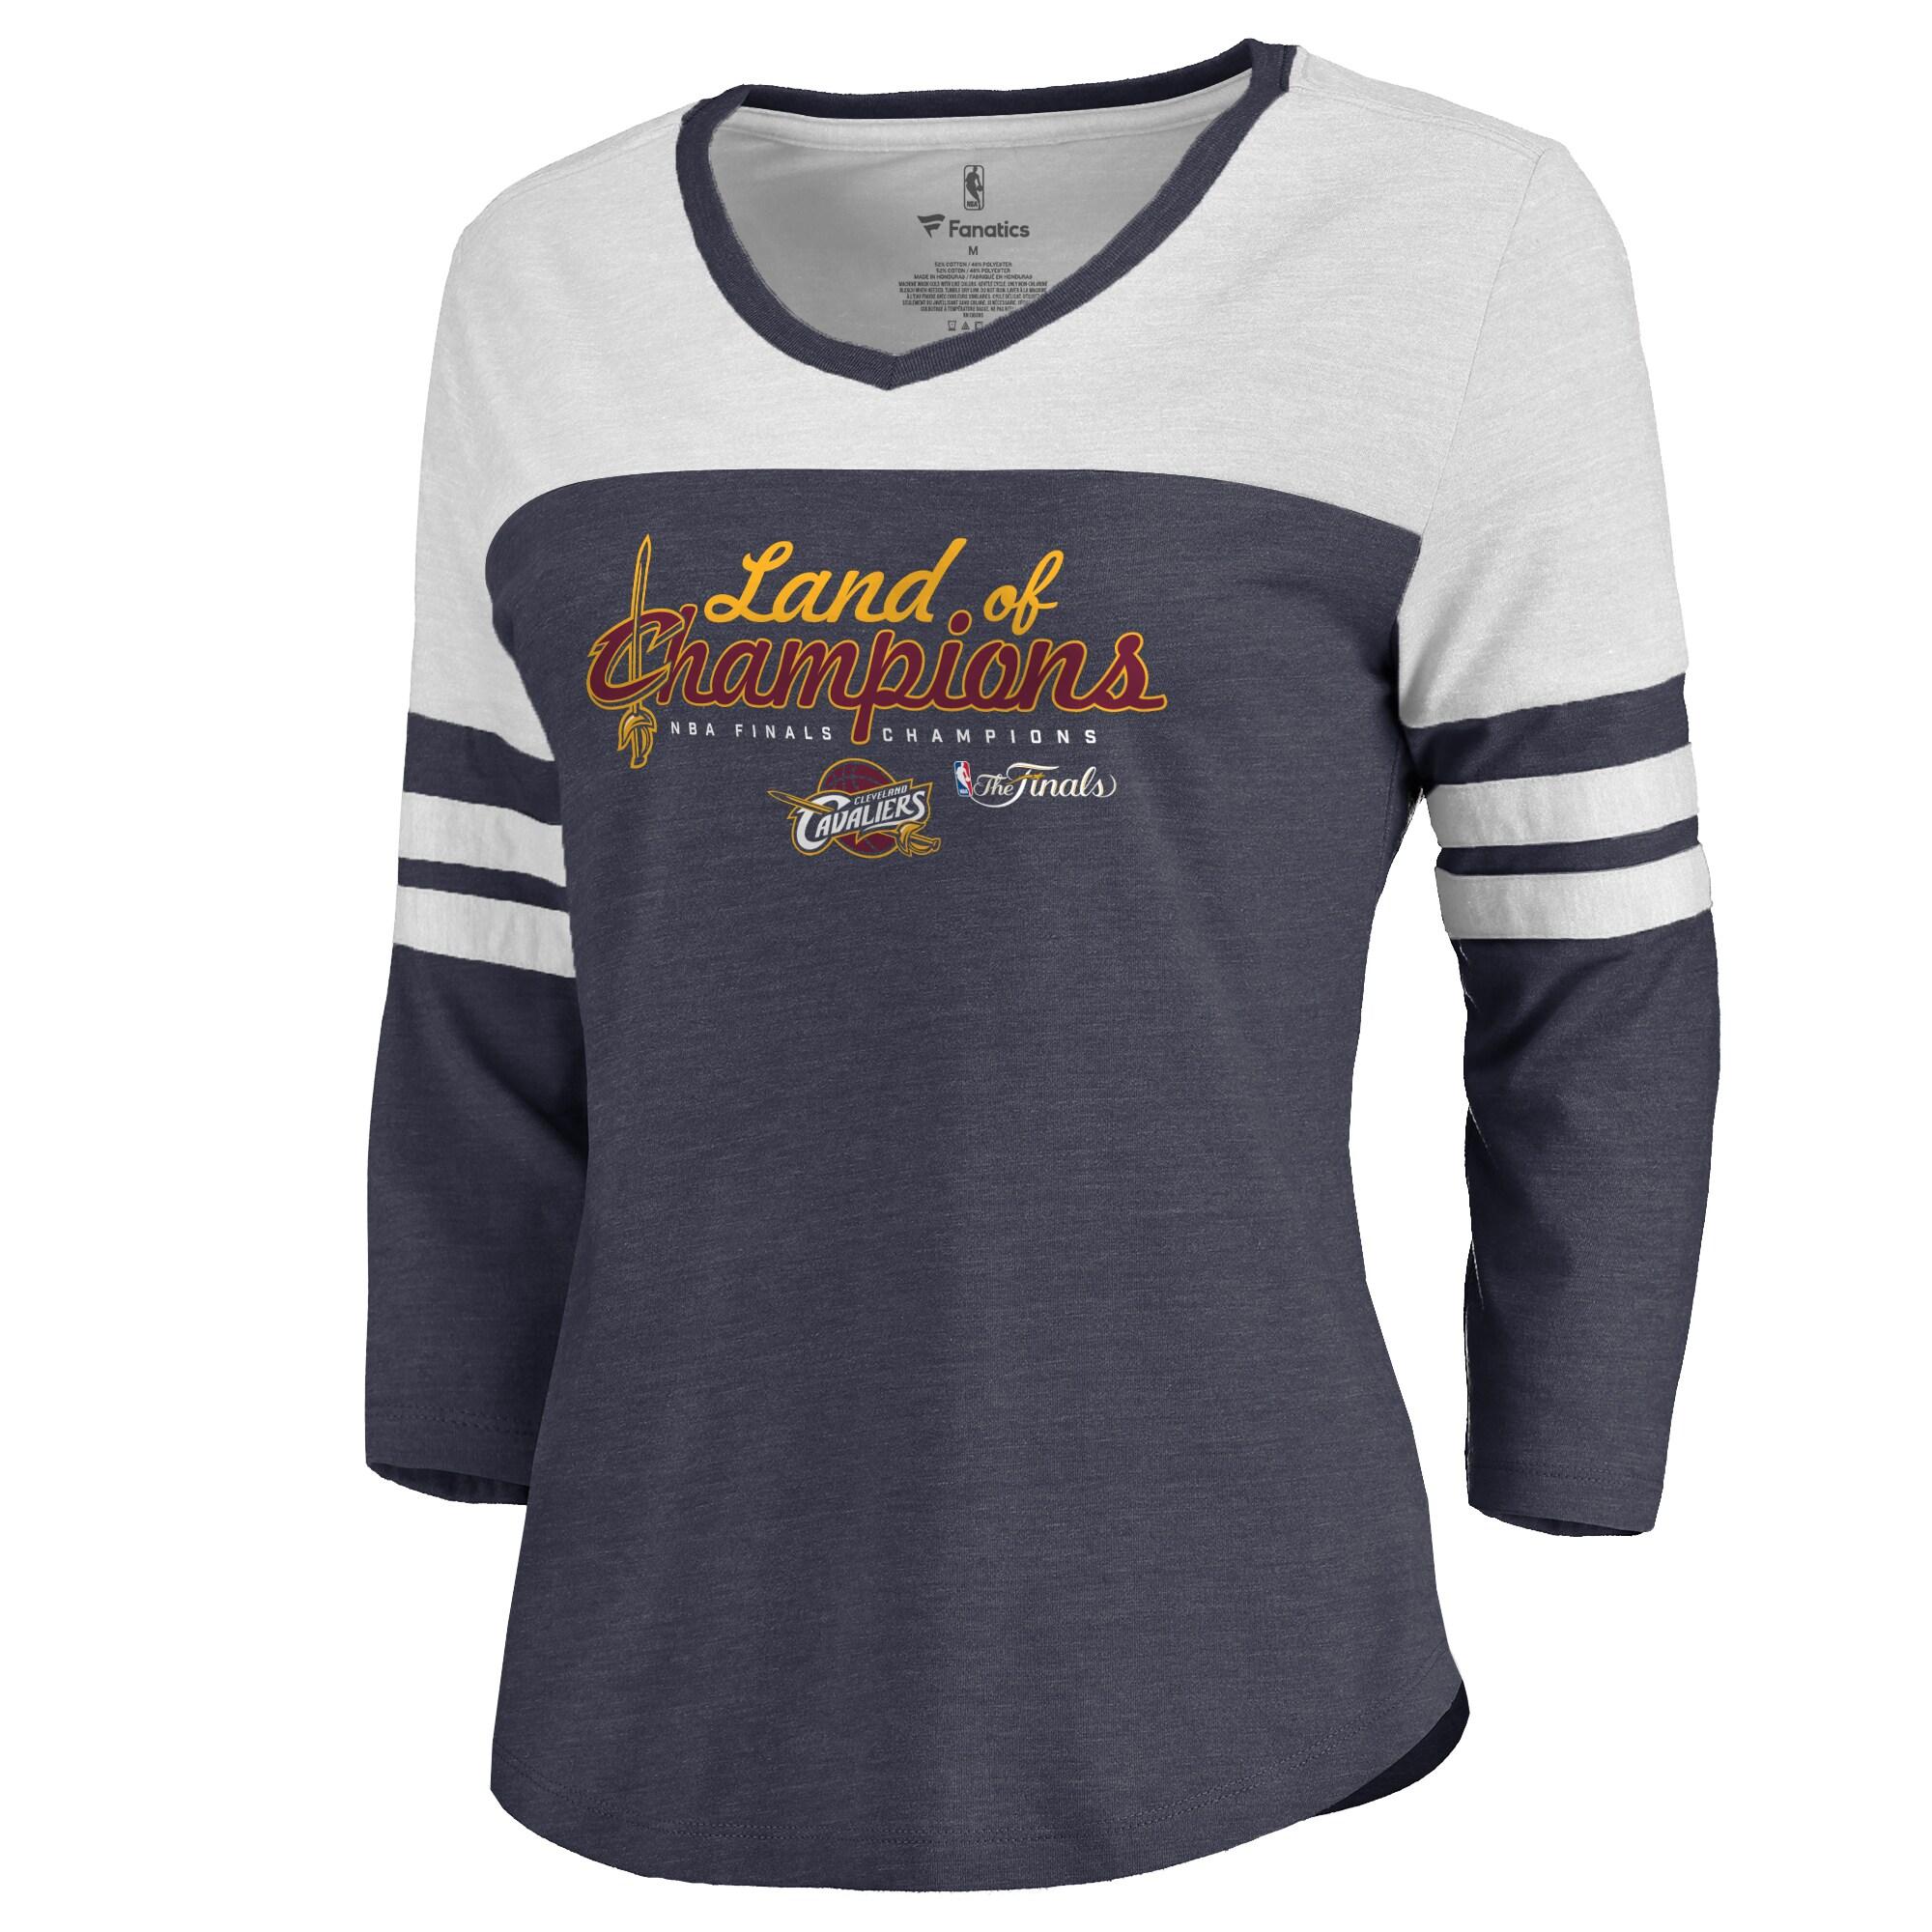 Cleveland Cavaliers Women's 2016 NBA Finals Champions Tri-Blend Raglan Long Sleeve T-Shirt - Navy